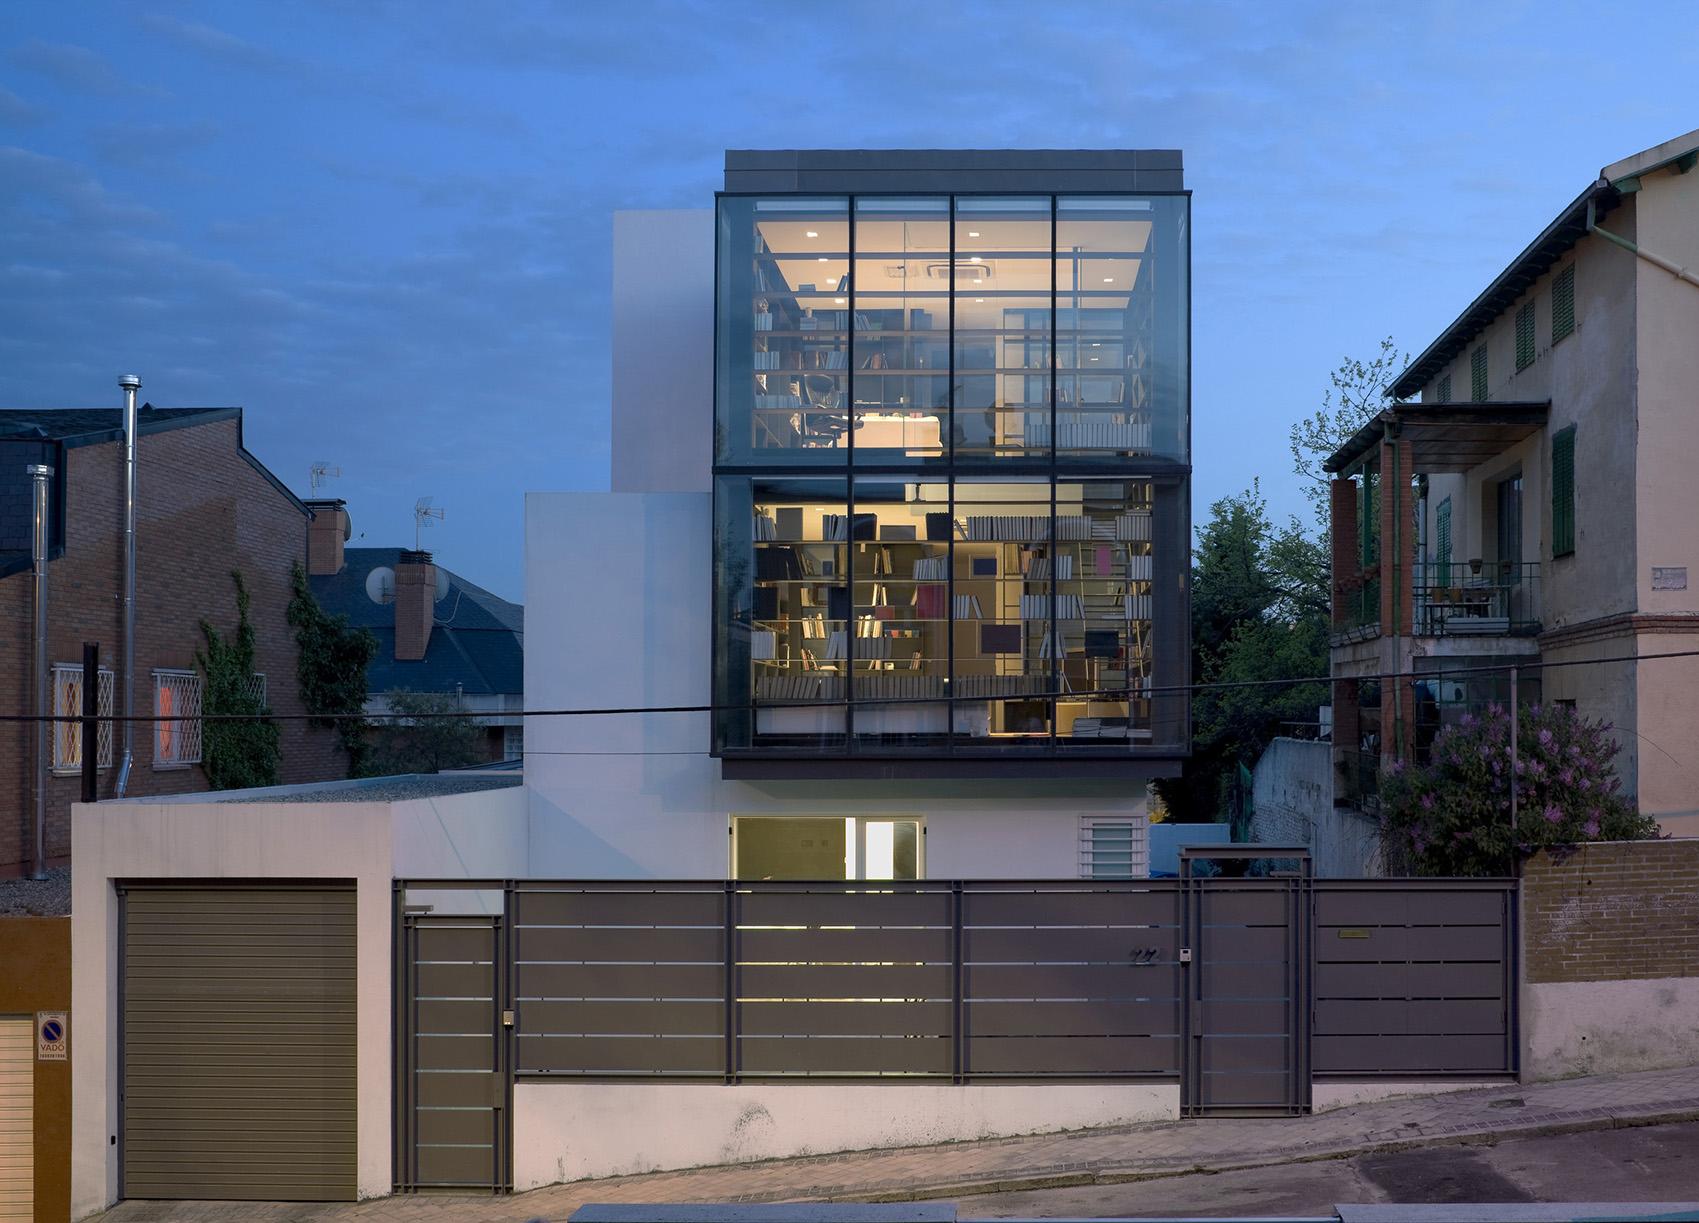 Casa en calle olimpo madrid allende arquitectos - Arquitectos en madrid ...